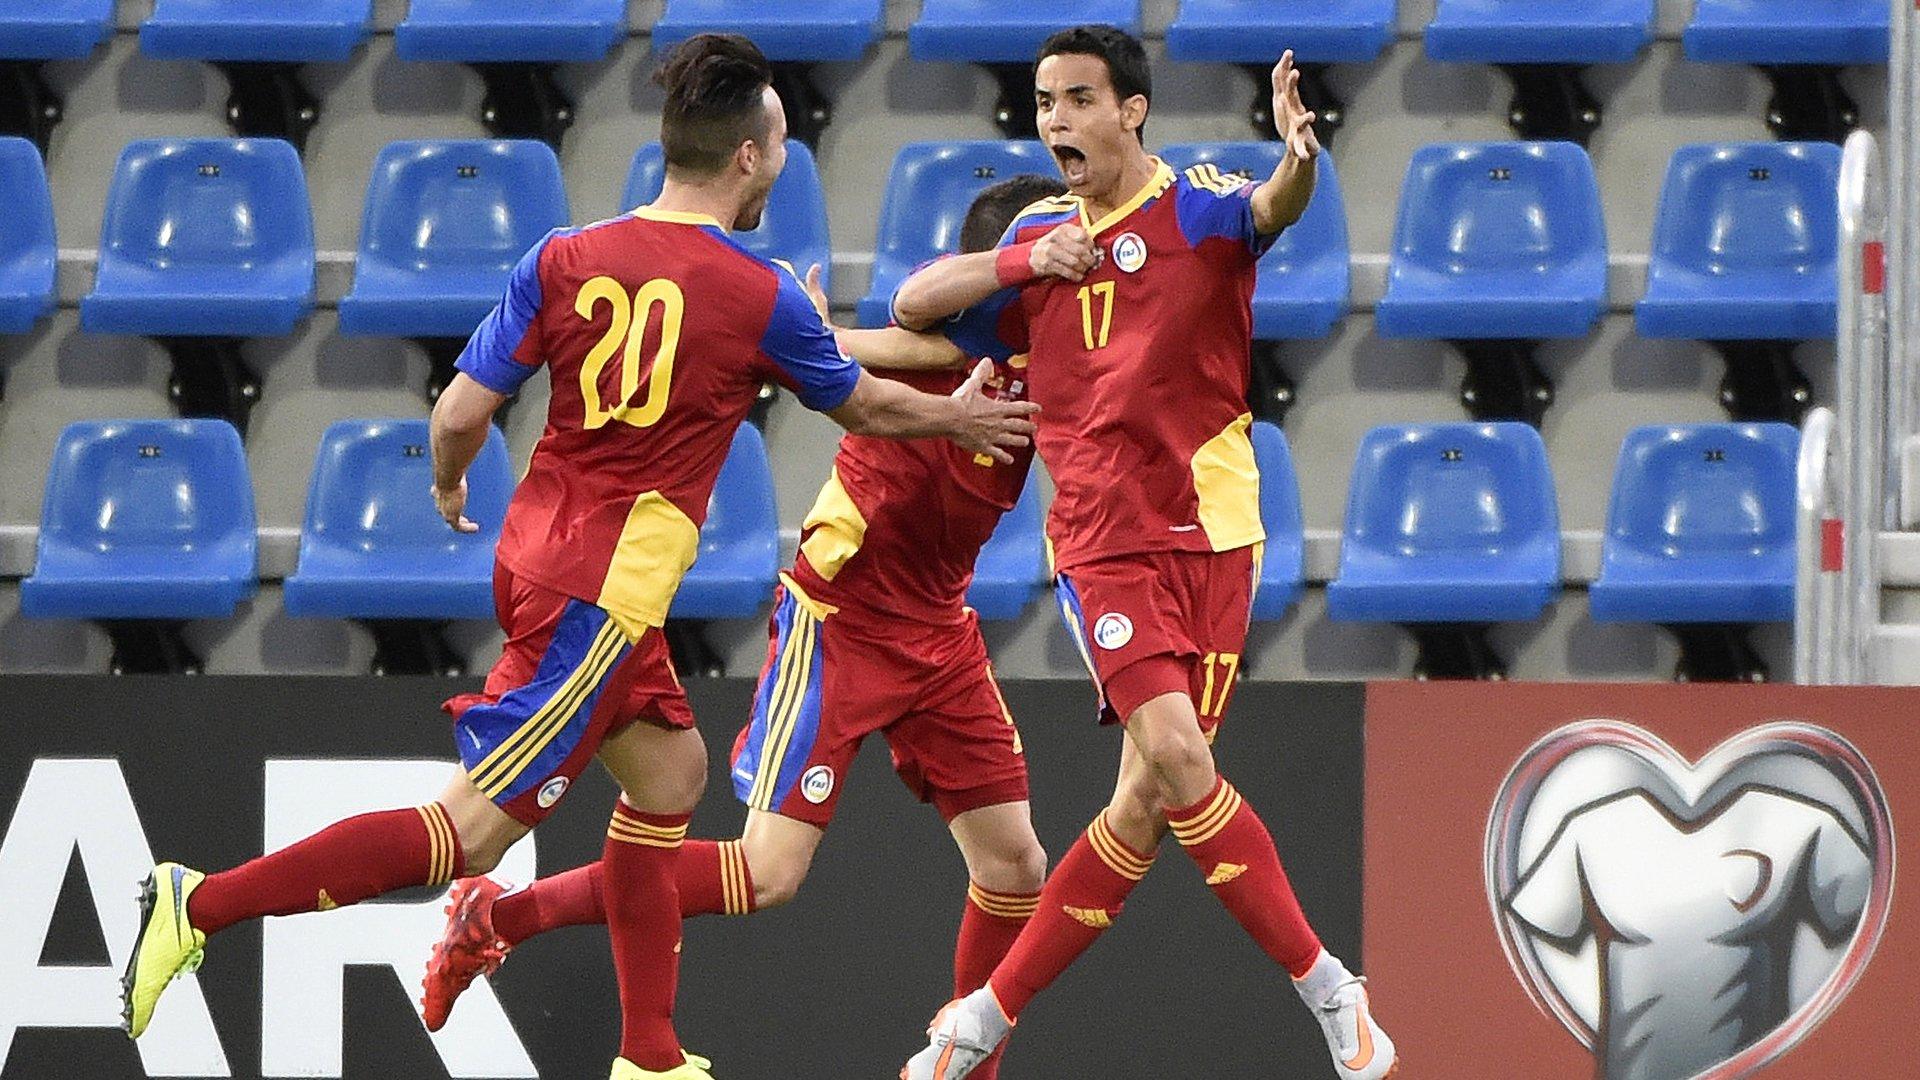 Qualificazioni mondiali, Portogallo k.o. Super Bosnia, pari Francia